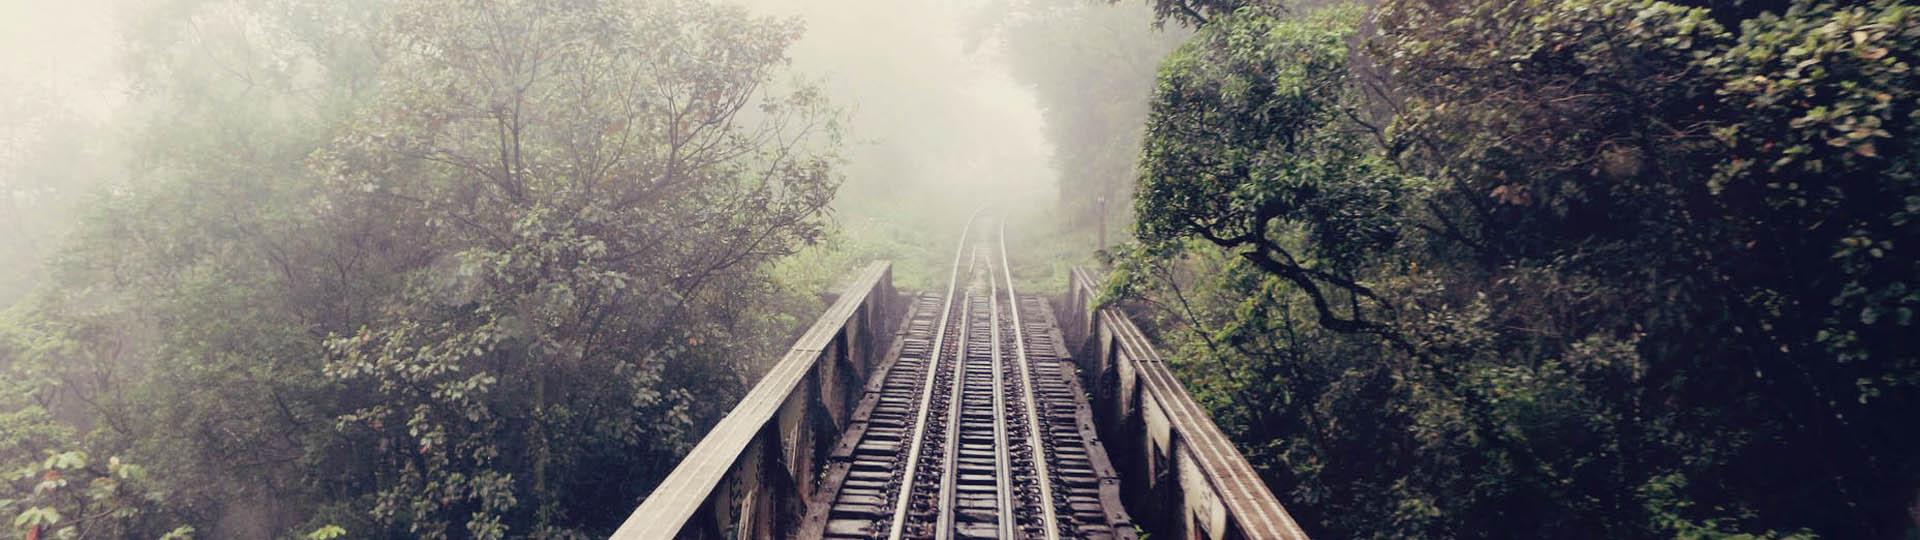 Novo Sundaycooks - estrada de ferro no Paraná